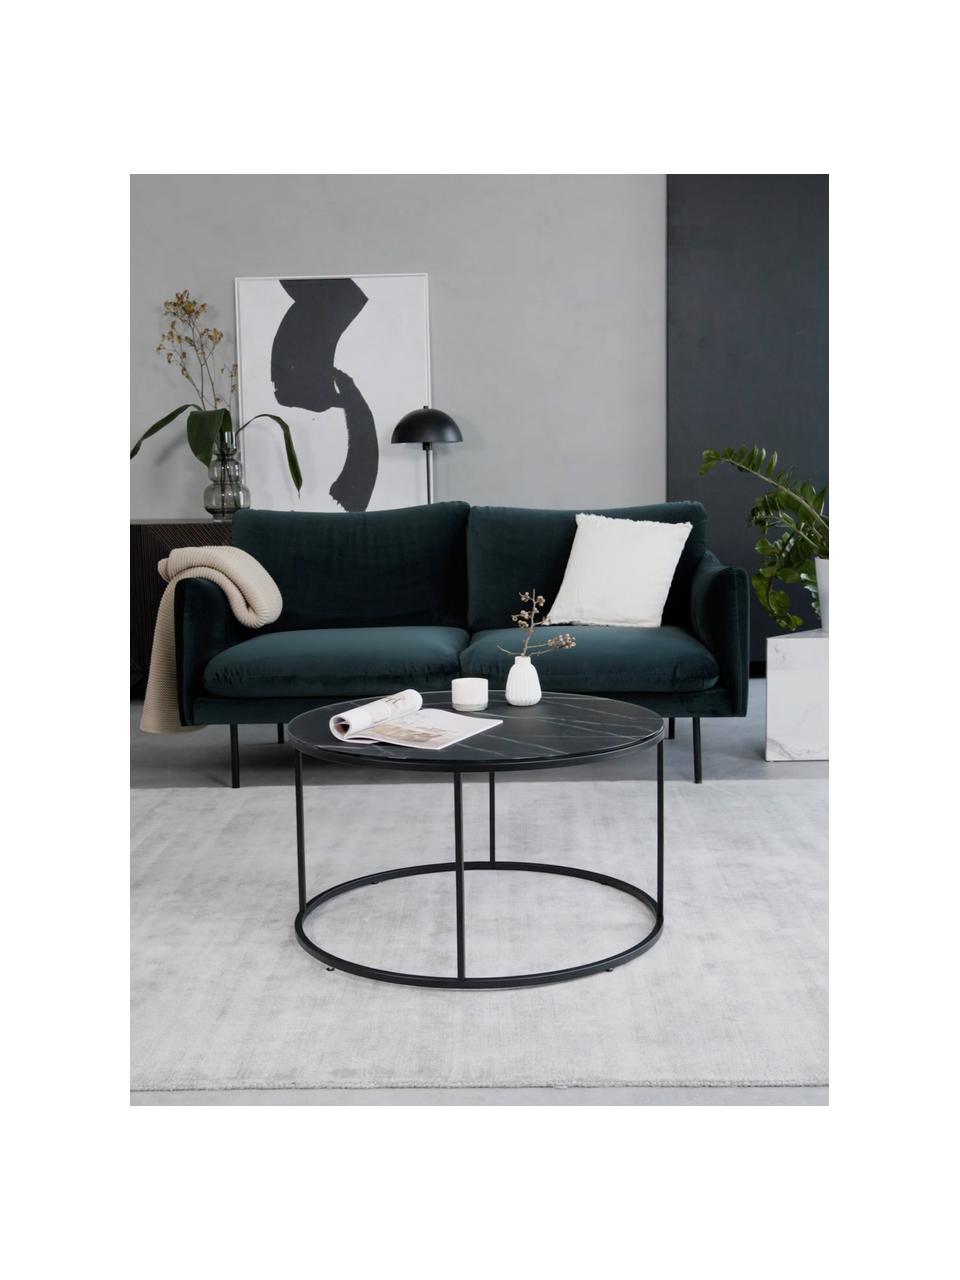 Stolik kawowy ze szklanym blatem Antigua, Blat: szkło, matowy nadruk, Stelaż: stal malowana proszkowo, Czarnoszary marmurowy, czarny, Ø 80 x W 45 cm